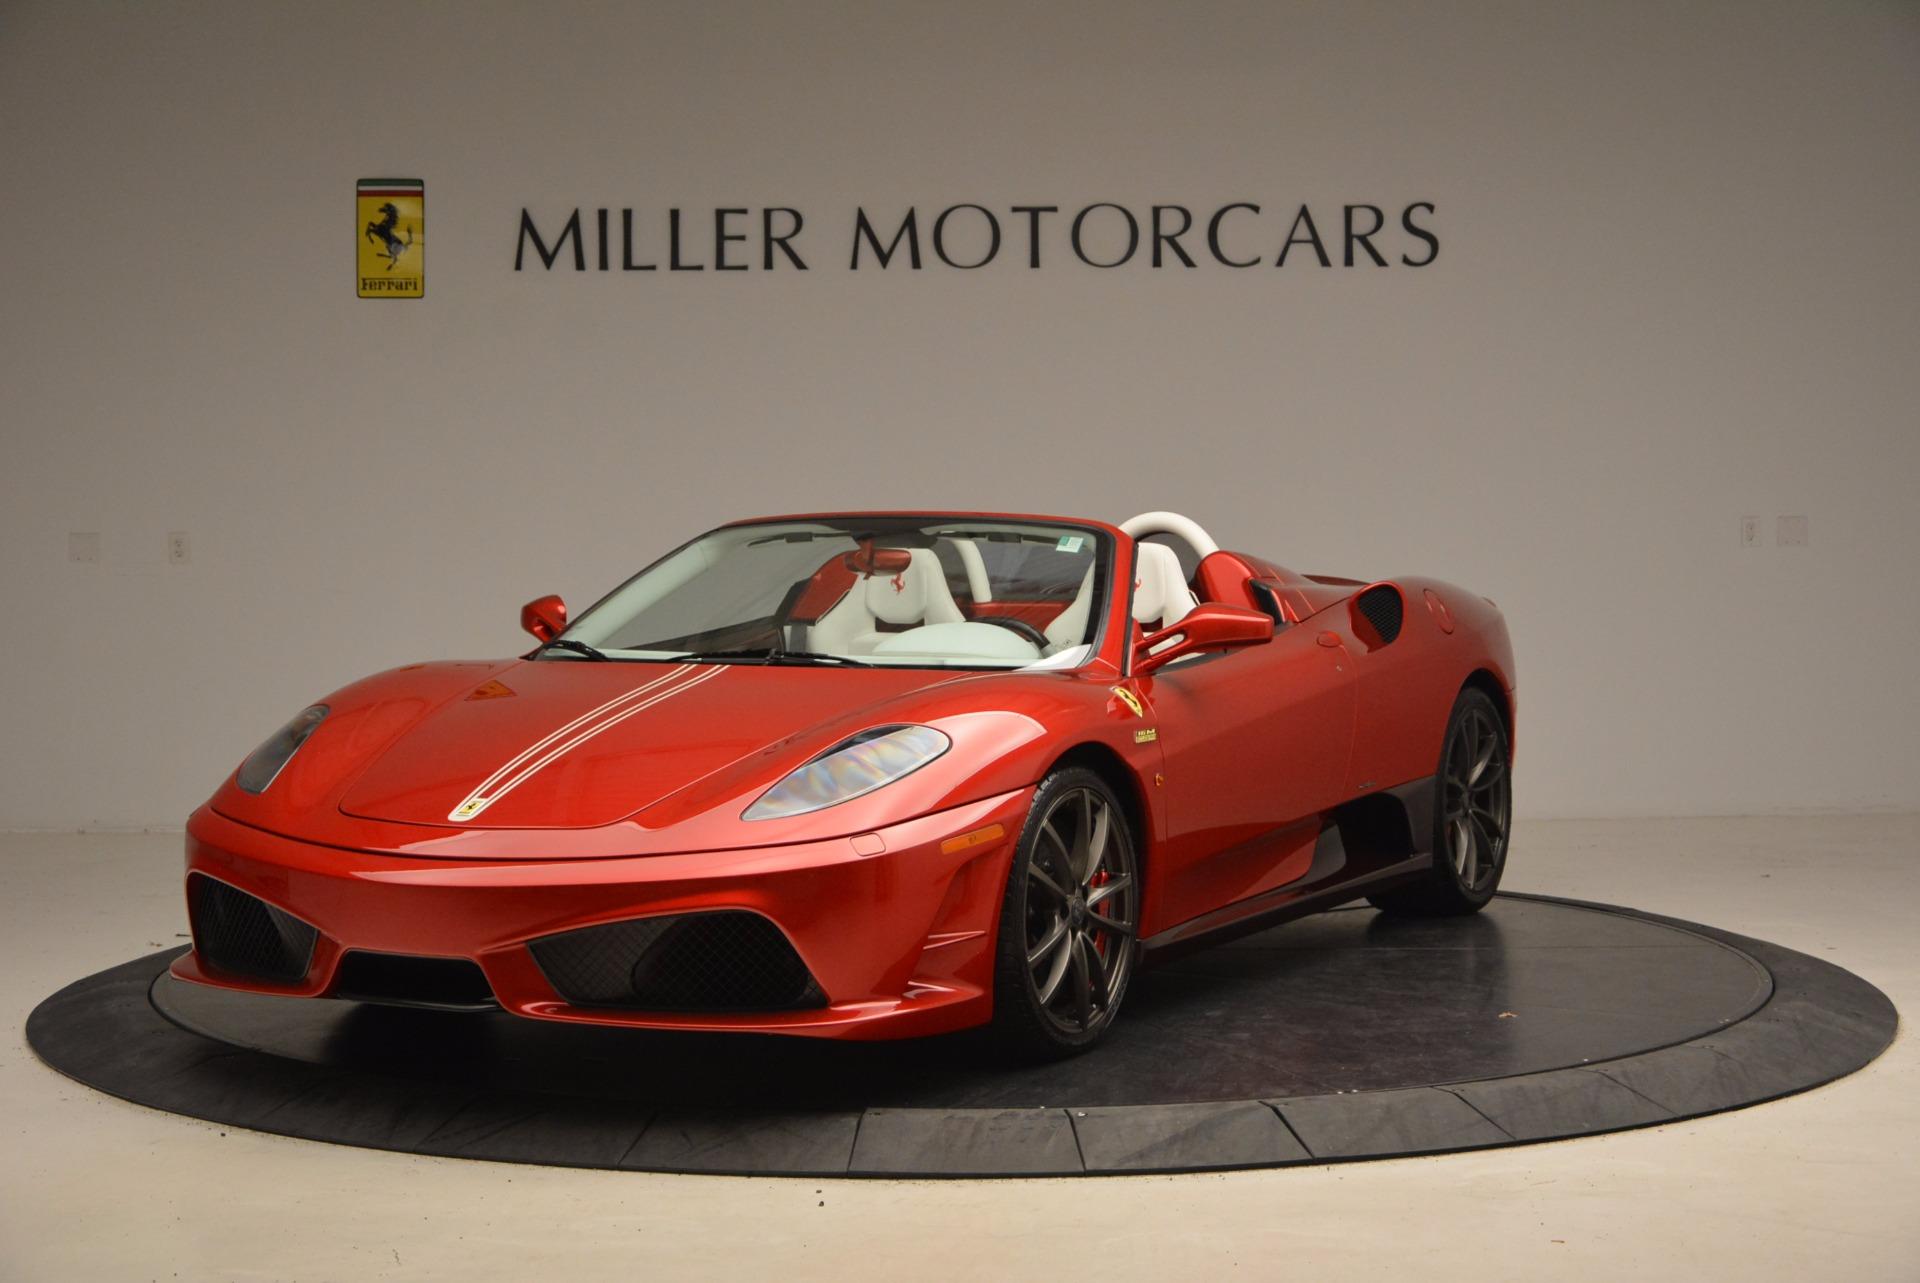 Used 2009 Ferrari F430 Scuderia 16M For Sale In Greenwich, CT 1398_main